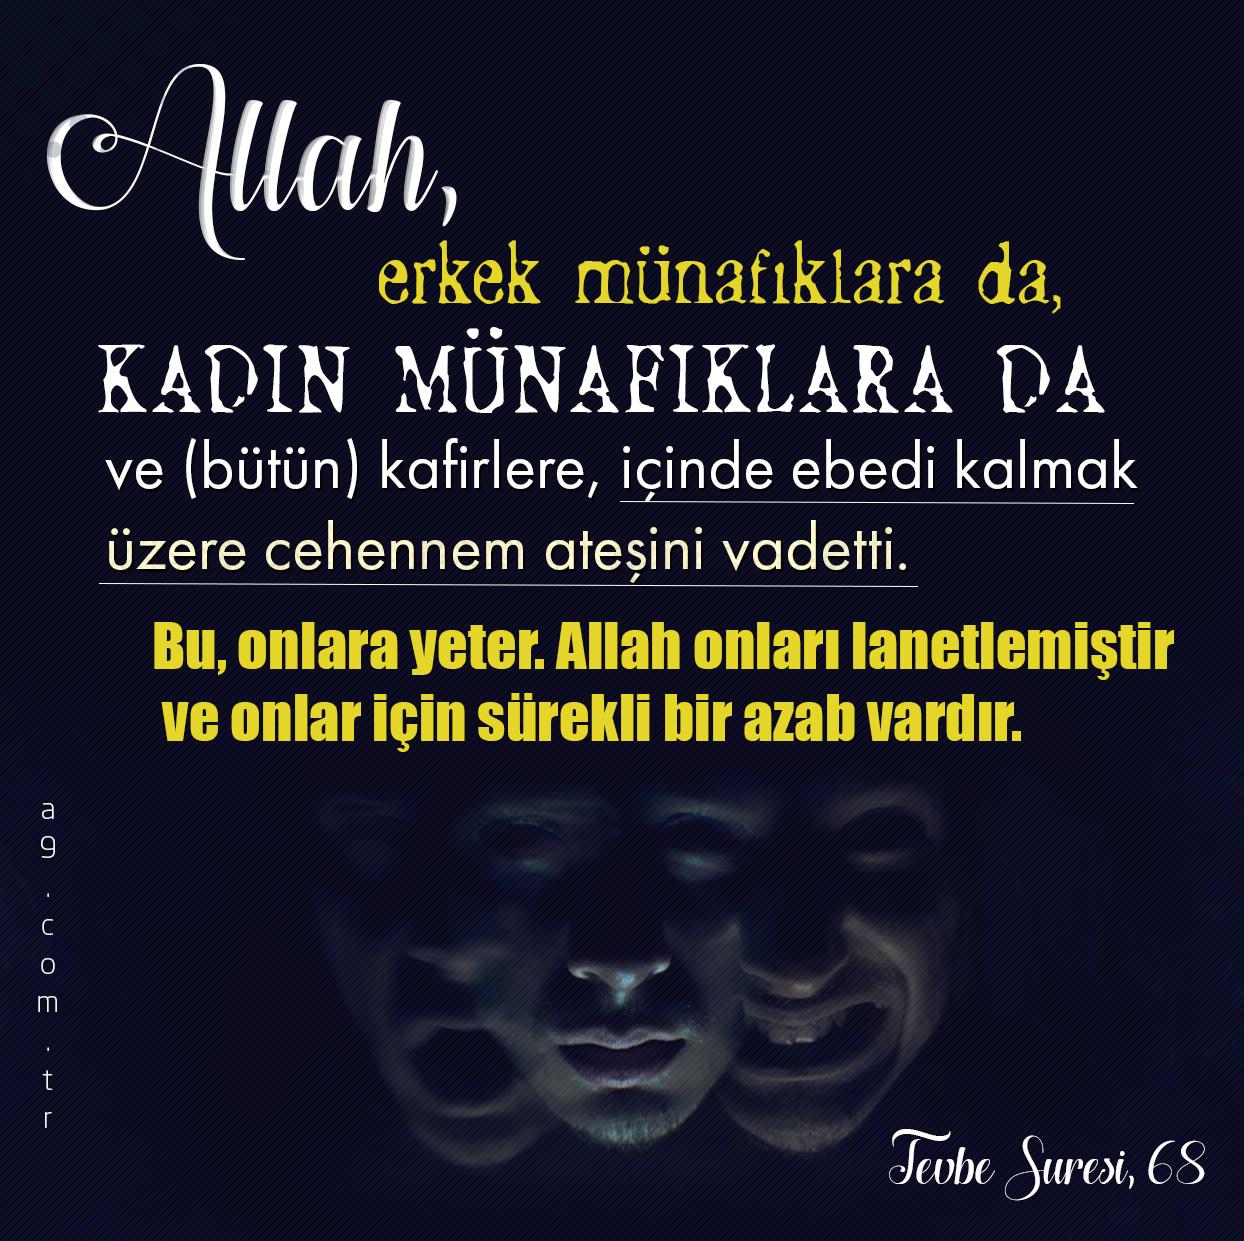 """<table style=""""width: 100%;""""><tr><td style=""""vertical-align: middle;"""">Allah, erkek münafıklara da, kadın münafıklara da ve (bütün) kafirlere, içinde ebedi kalmak üzere cehennem ateşini vadetti. Bu, onlara yeter. Allah onları lanetlemiştir ve onlar için sürekli bir azab vardır. [Tevbe Suresi, 68]</td><td style=""""max-width: 70px;vertical-align: middle;""""> <a href=""""/downloadquote.php?filename=1516019499830.jpg""""><img class=""""hoversaturate"""" height=""""20px"""" src=""""/assets/images/download-iconu.png"""" style=""""width: 48px; height: 48px;"""" title=""""Resmi İndir""""/></a></td></tr></table>"""